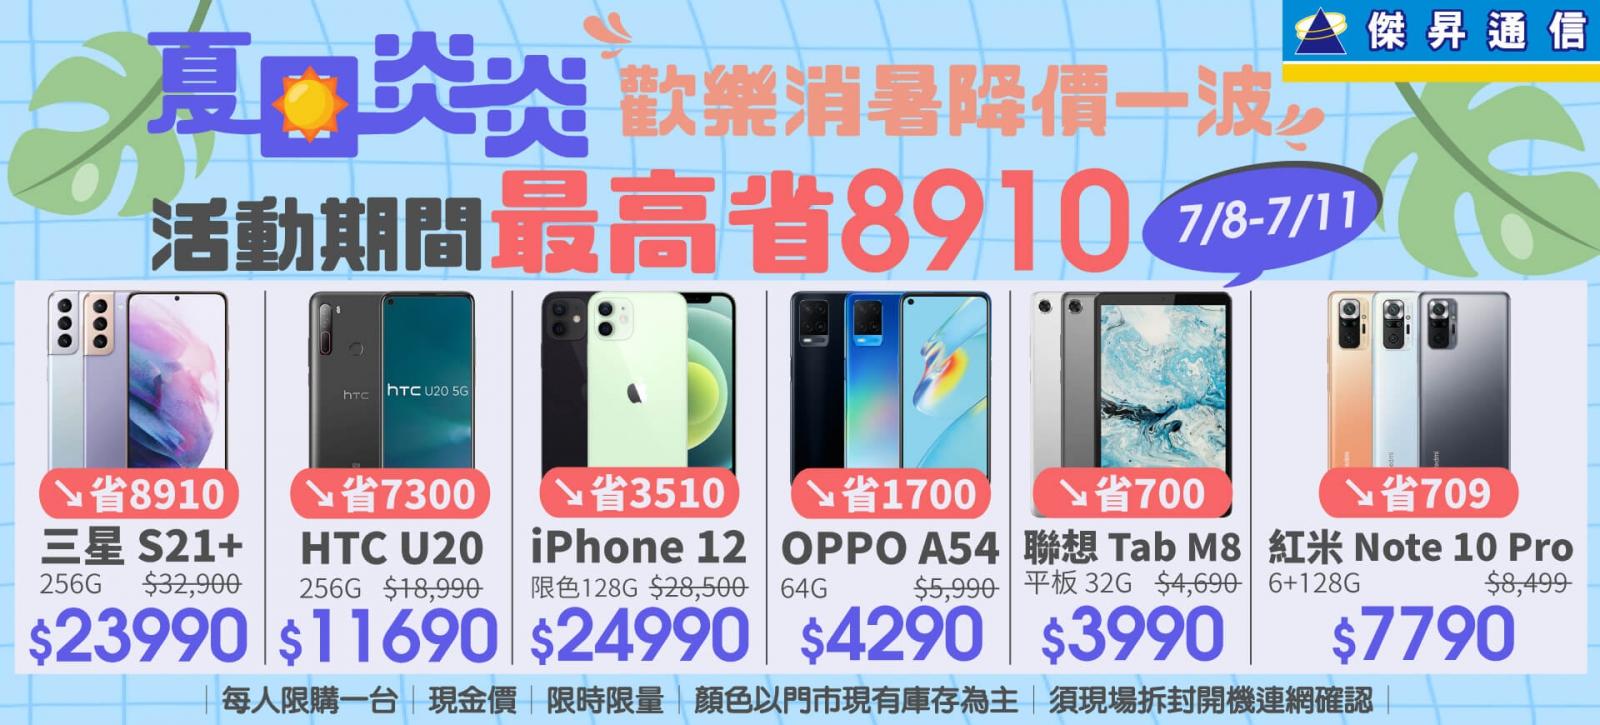 夏日炎炎☀歡樂消暑降價一波!活動期間三星S21+手機最高省8910元